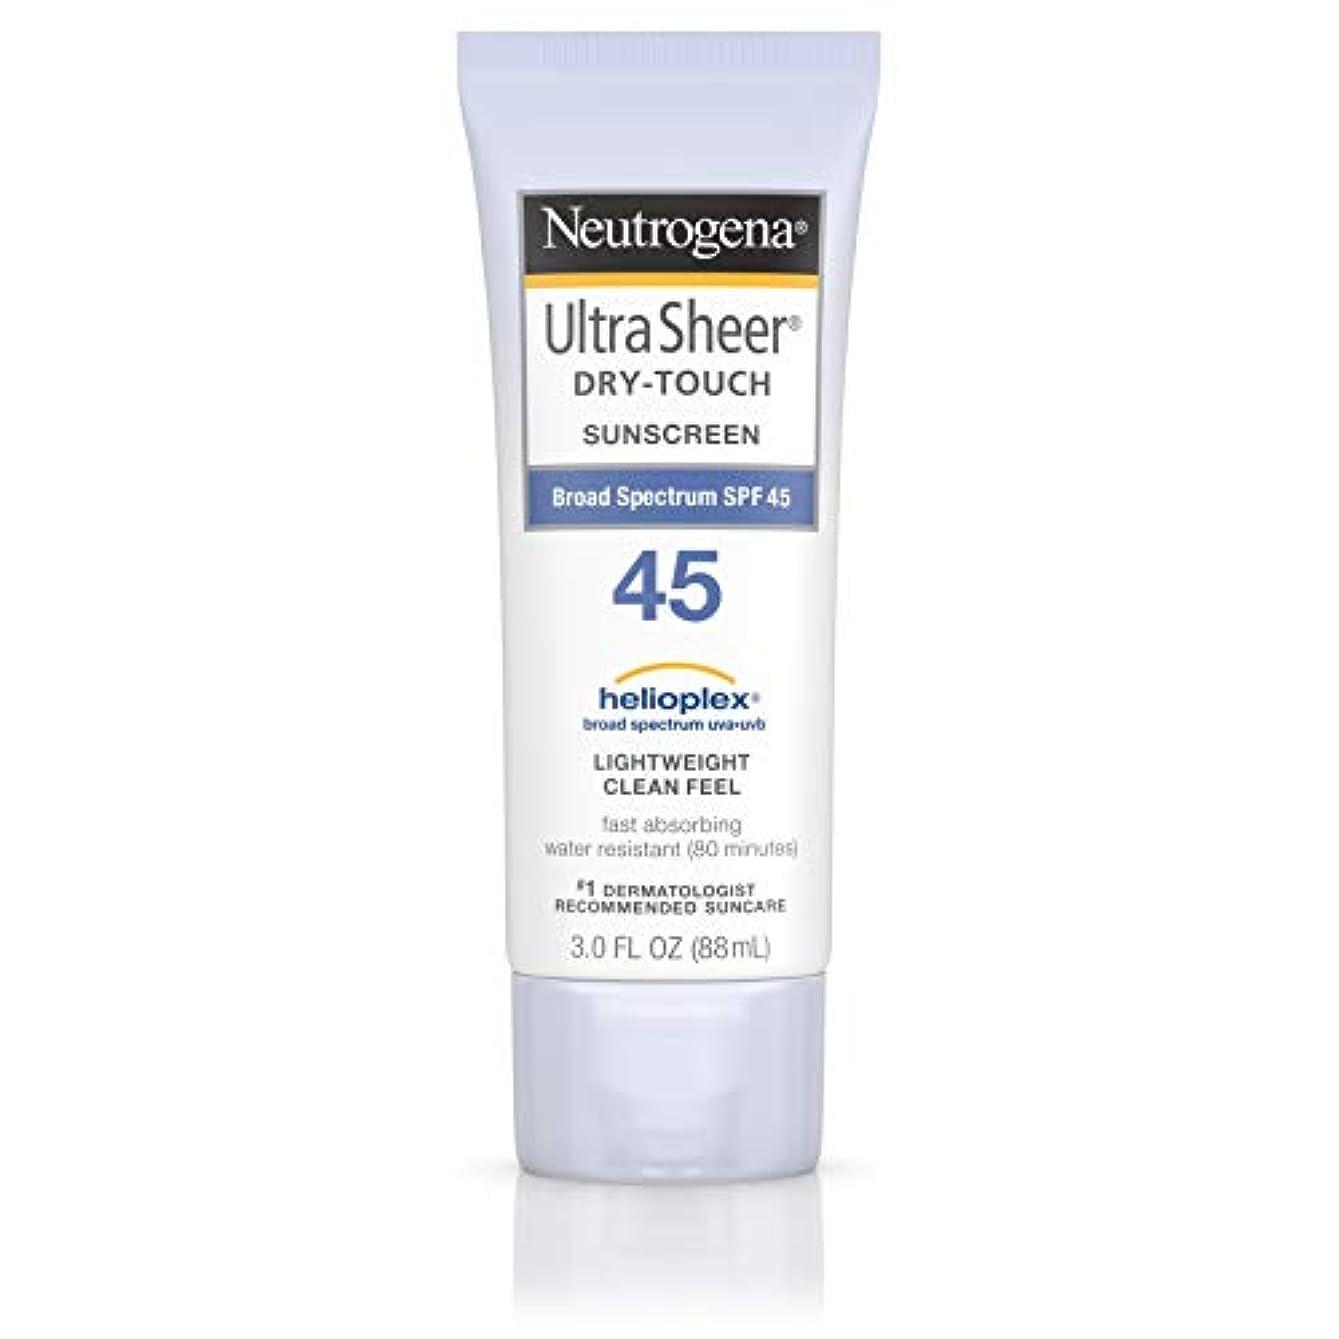 憤る成熟した雑品海外直送品 Neutrogena Neutrogena Ultra Sheer Dry-Touch Sunblock Spf 45【並行輸入品】